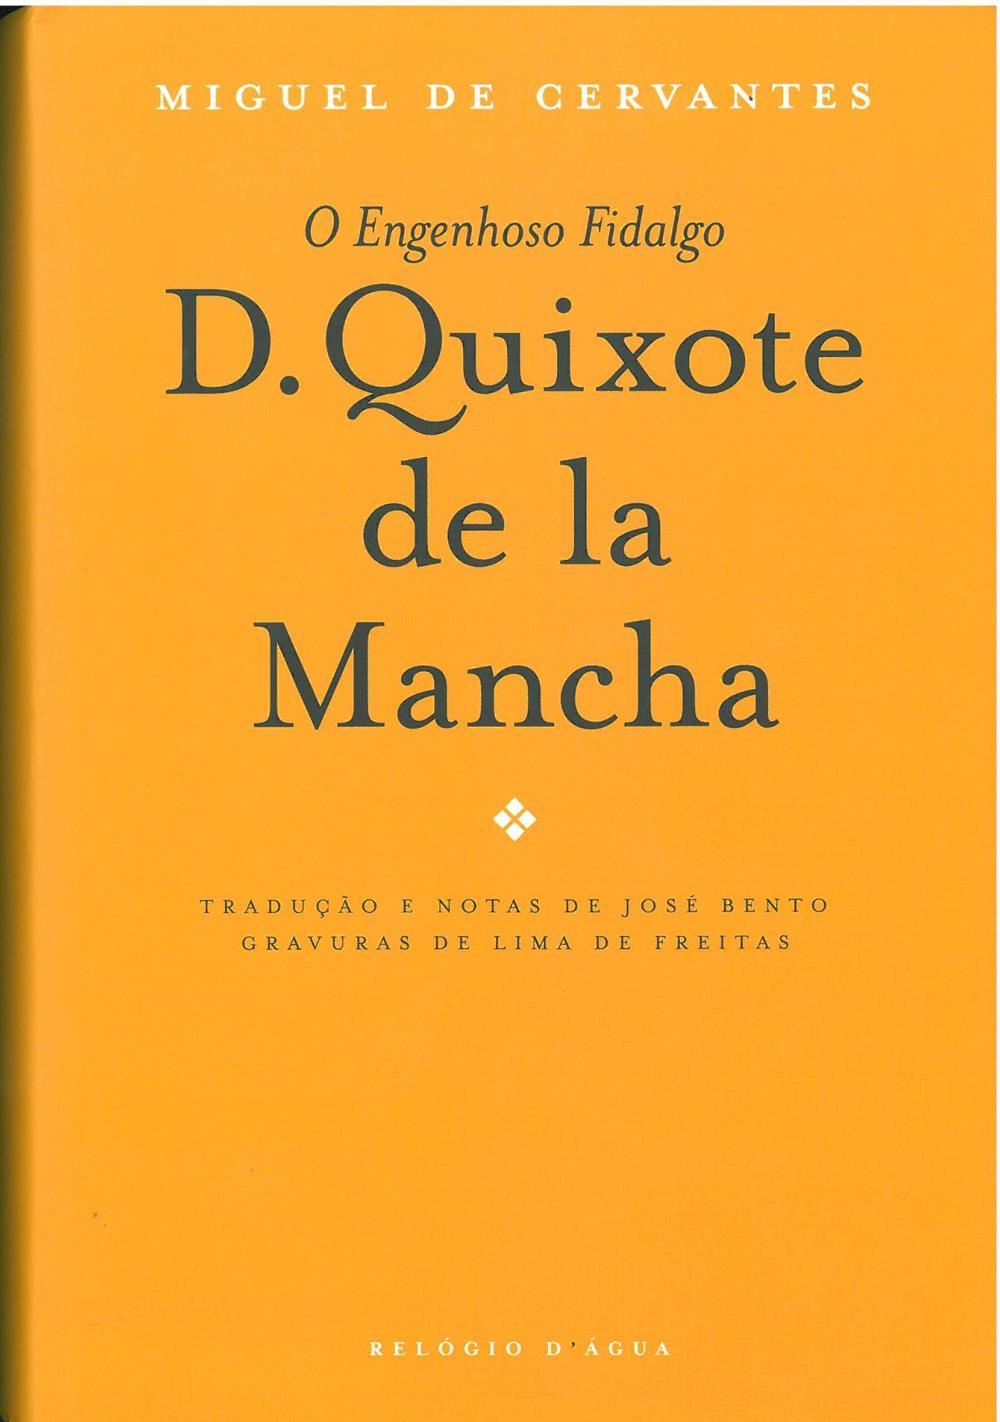 O engenhoso fidalgo D. Quixote de la Mancha_.jpg